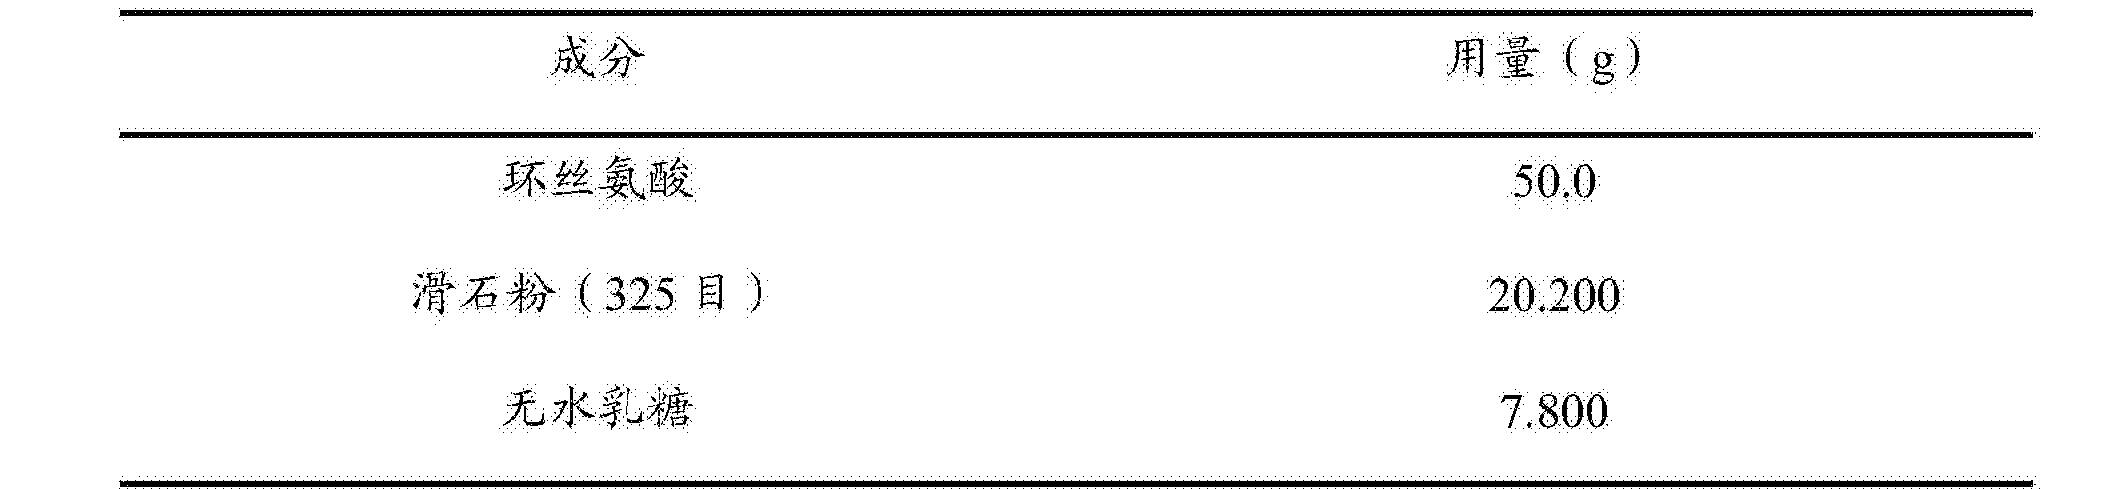 Figure CN105476976BD00191